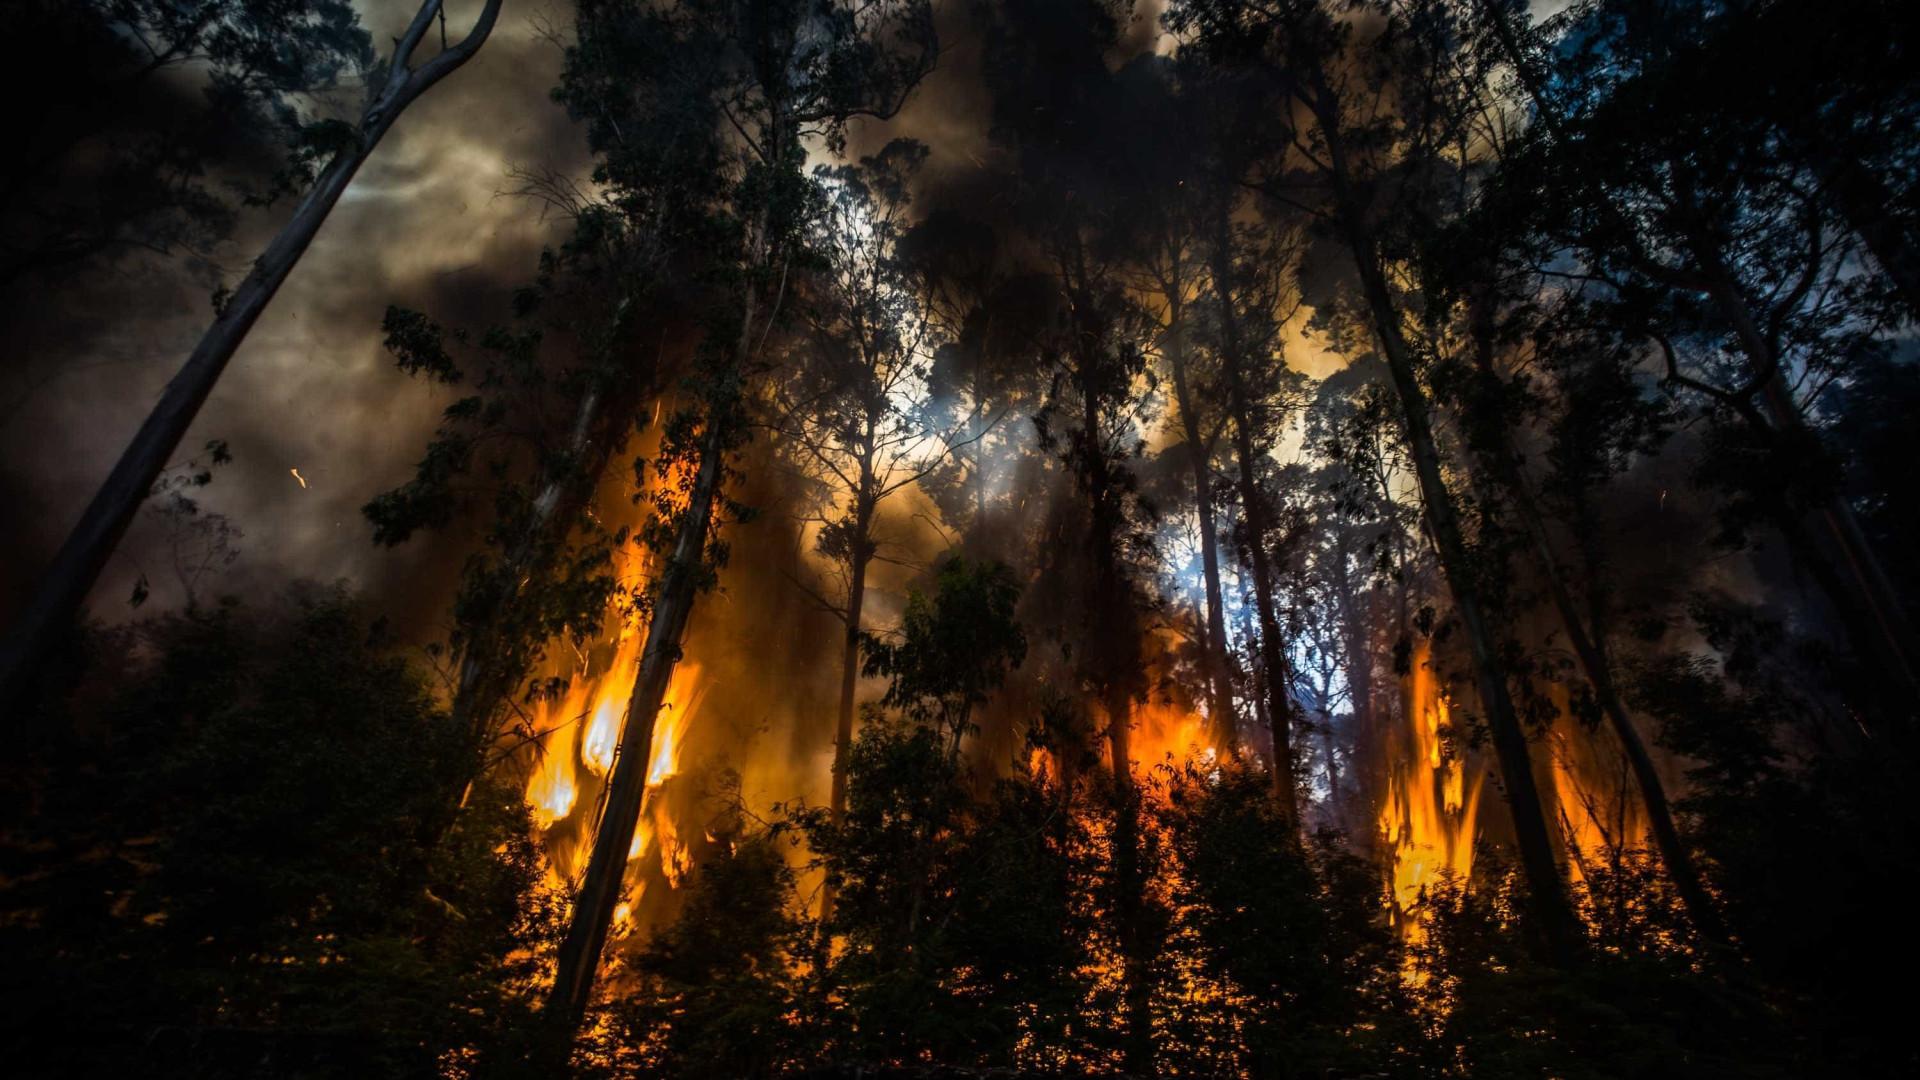 Incêndio em Abrantes é o mais preocupante. Já há um bombeiro ferido